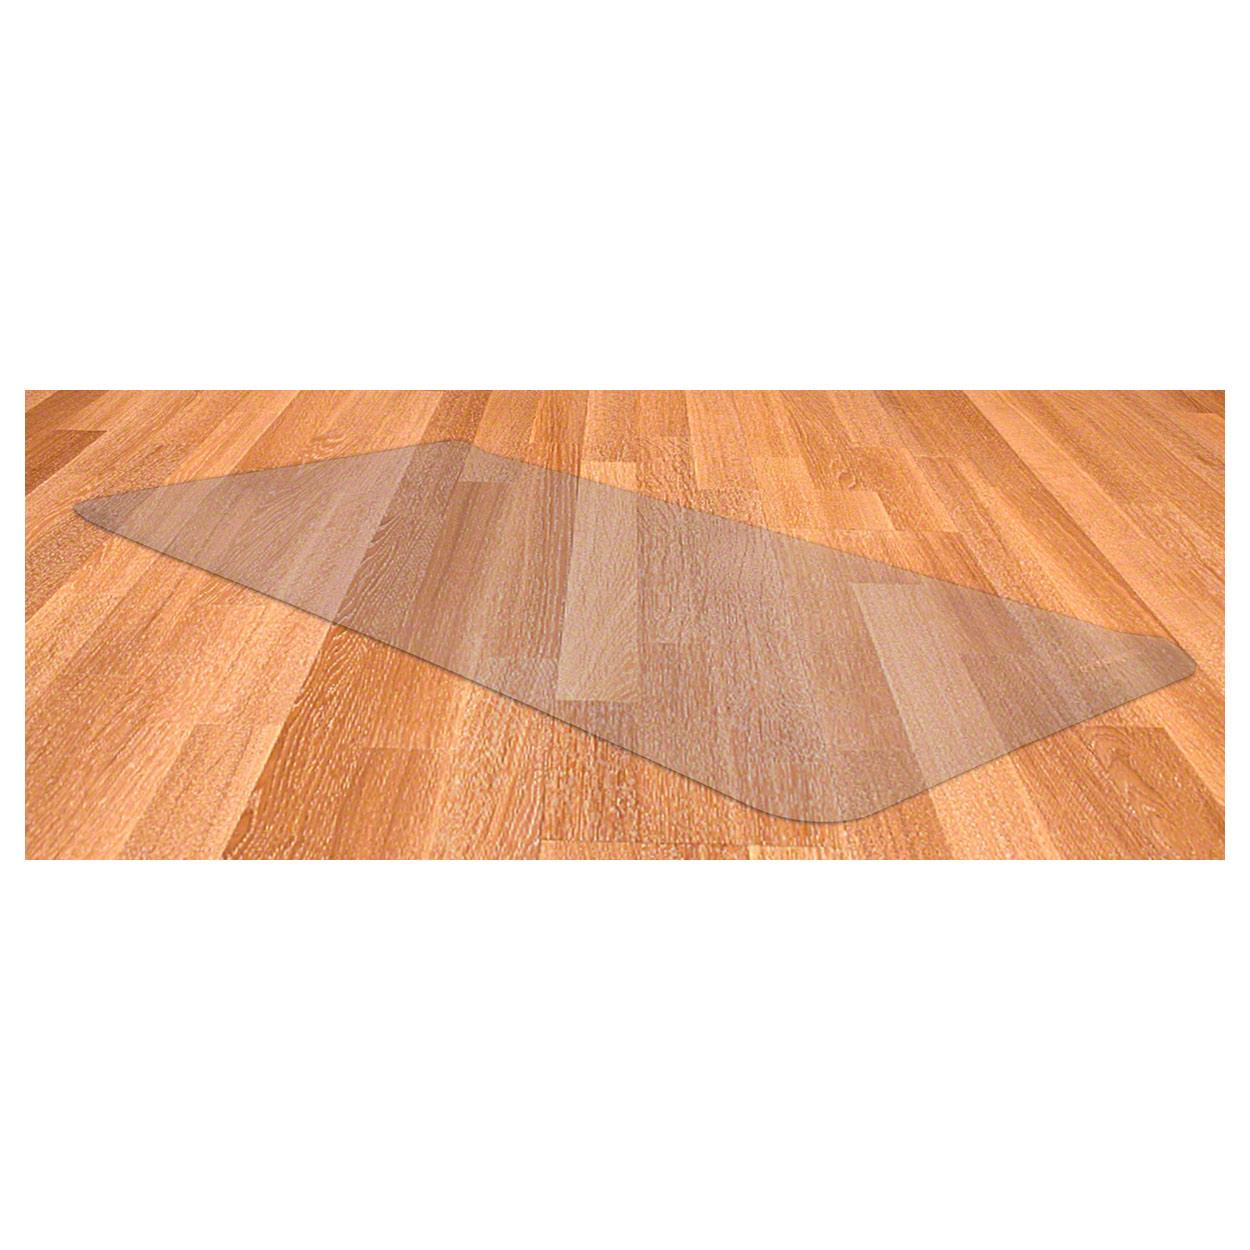 Bodenschutzmatte Bodenschutz Laminat Parkett Teppich